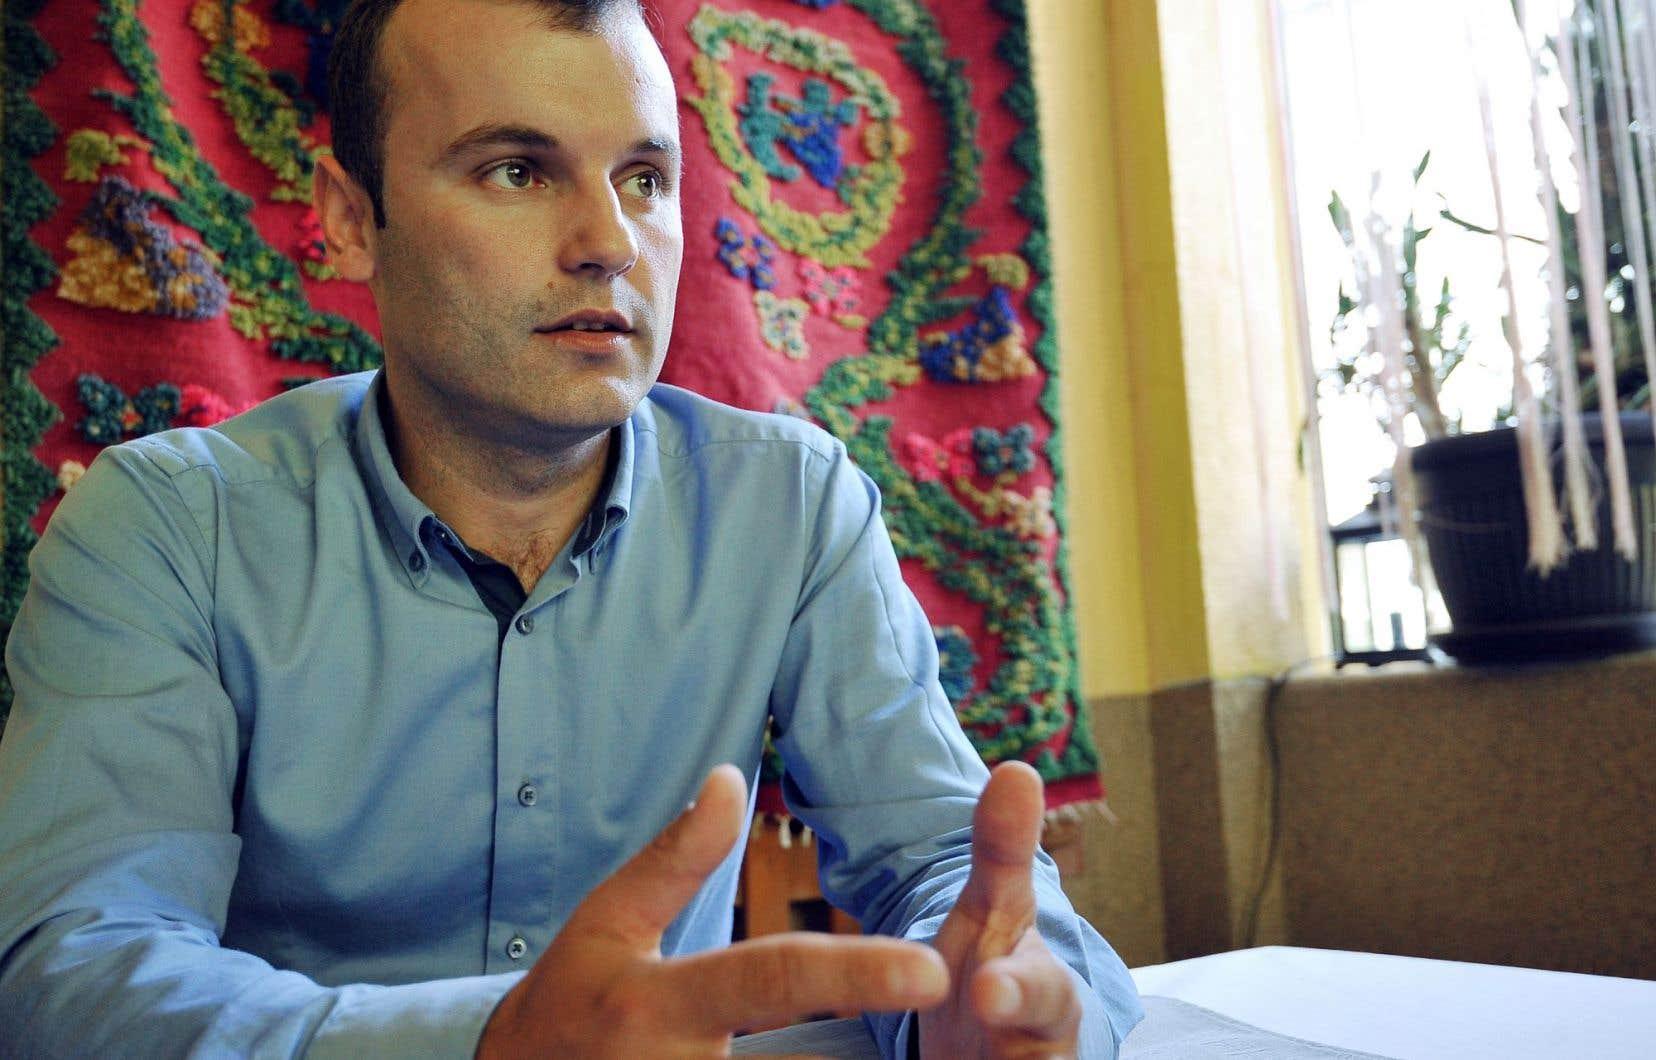 Selon les résultats officiels, Mladen Grujicic a remporté 54,4% des suffrages le 2octobre, contre 45,5% au sortant bosniaque Camil Durakovic, soit un écart de 768 voix.